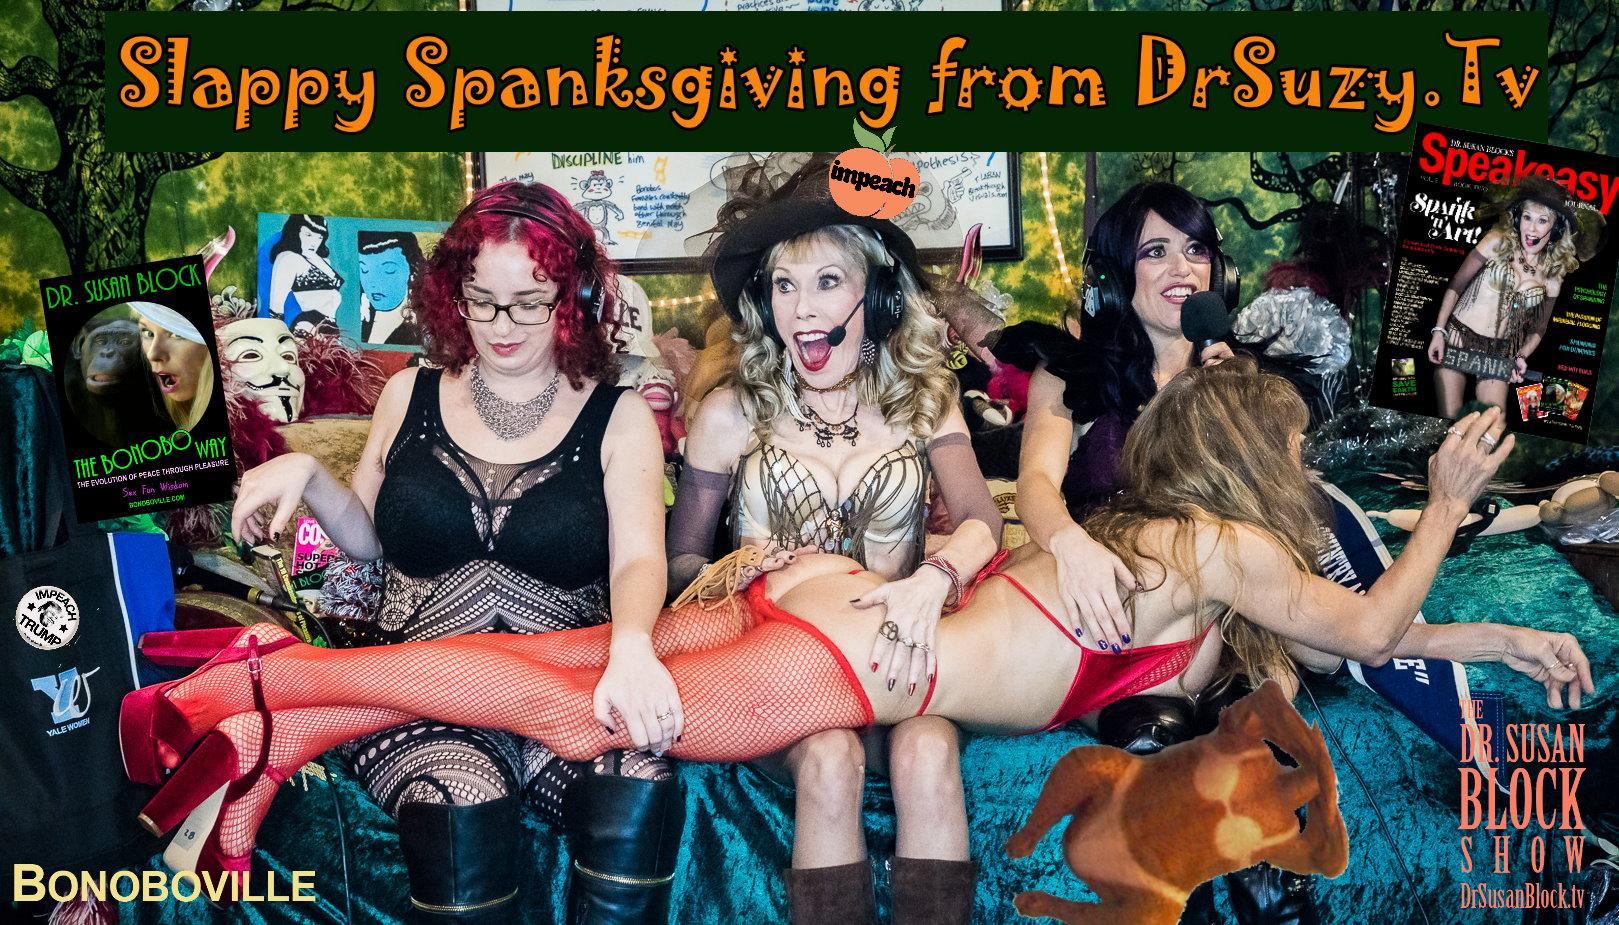 spanksgiving